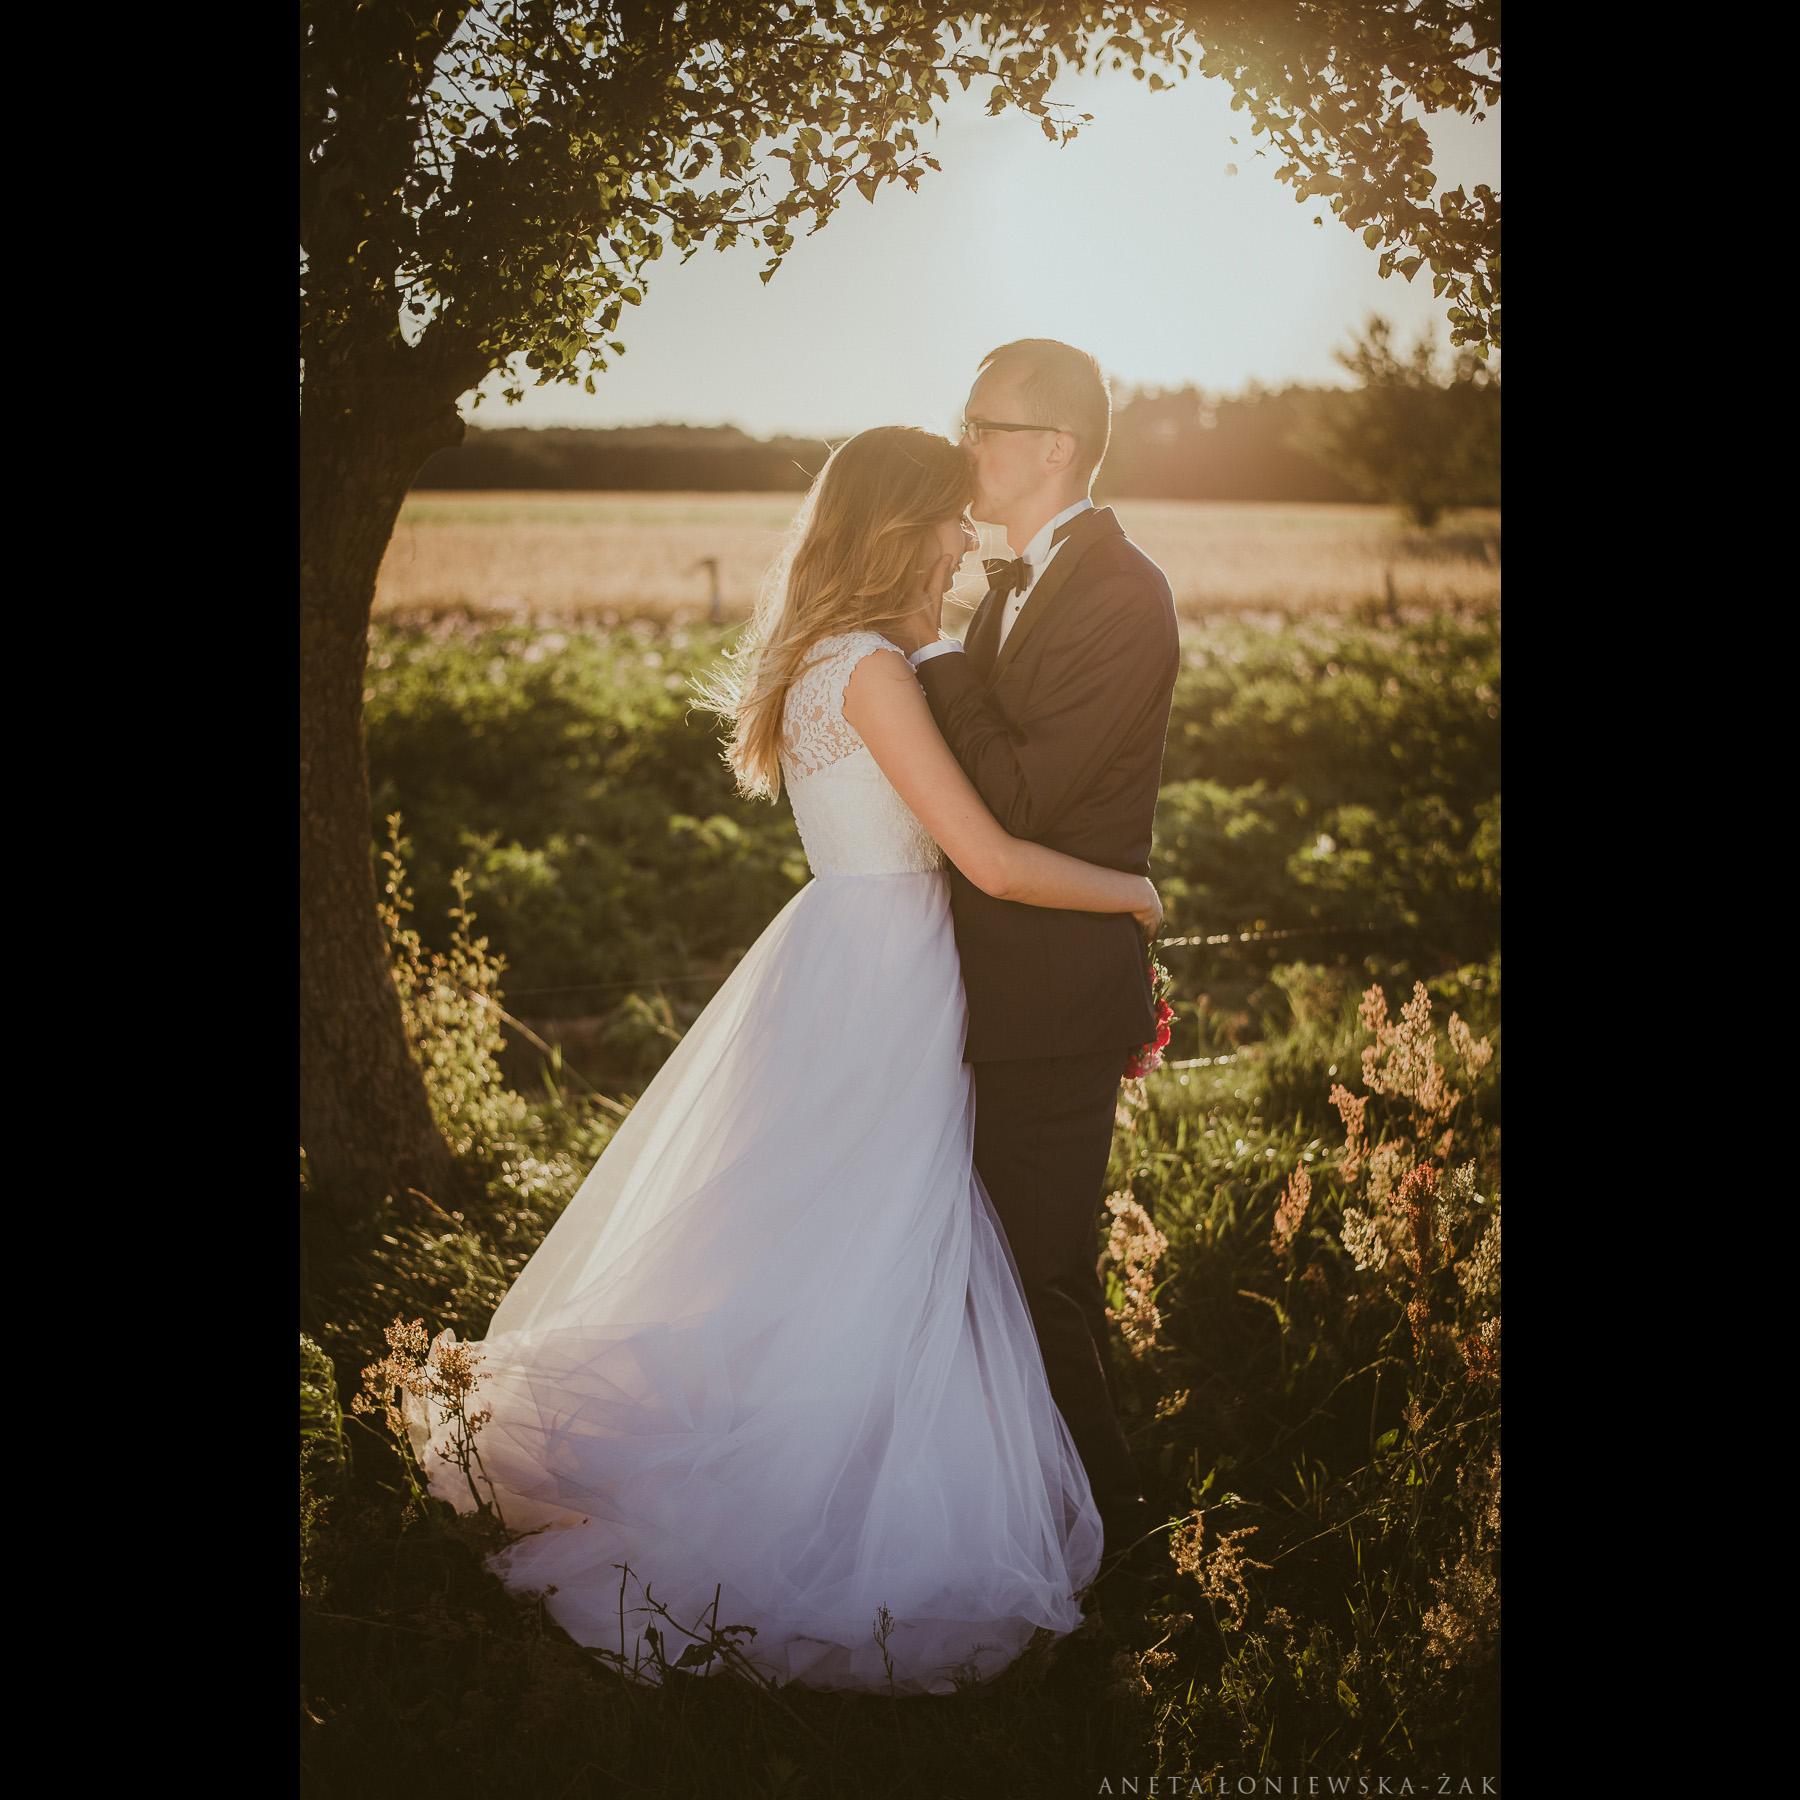 fotograf ślubny podlaskie, ślub plenerowy podlasie, fotograf ślubny białystok, sesja plenerowa podlasie, sesja ślubna białystok